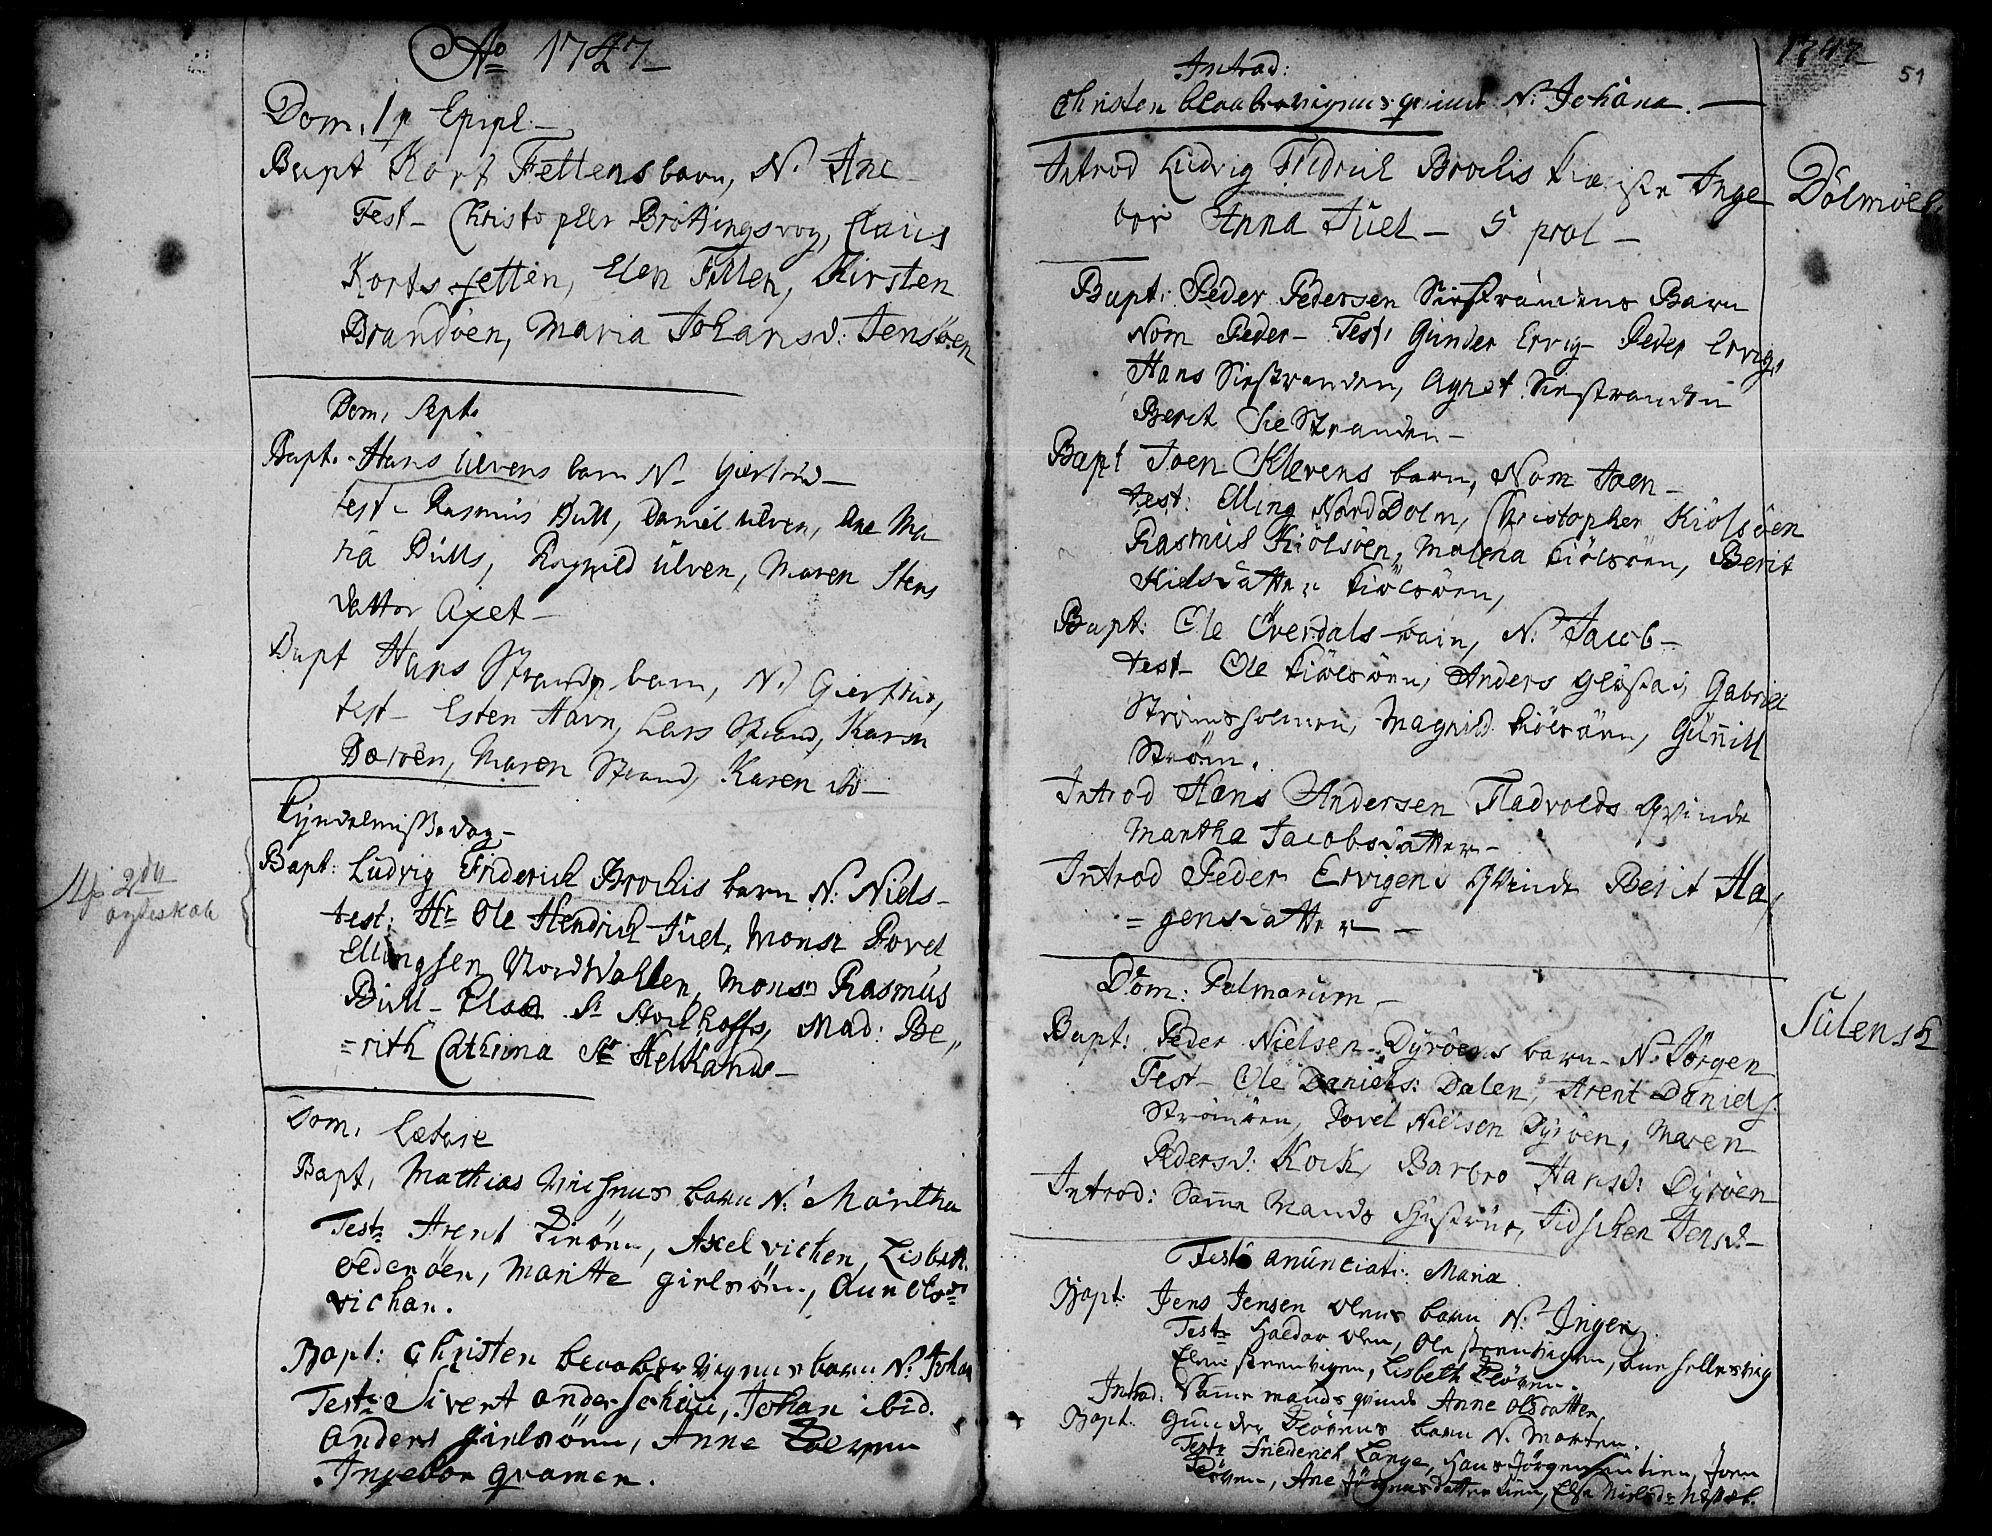 SAT, Ministerialprotokoller, klokkerbøker og fødselsregistre - Sør-Trøndelag, 634/L0525: Ministerialbok nr. 634A01, 1736-1775, s. 51